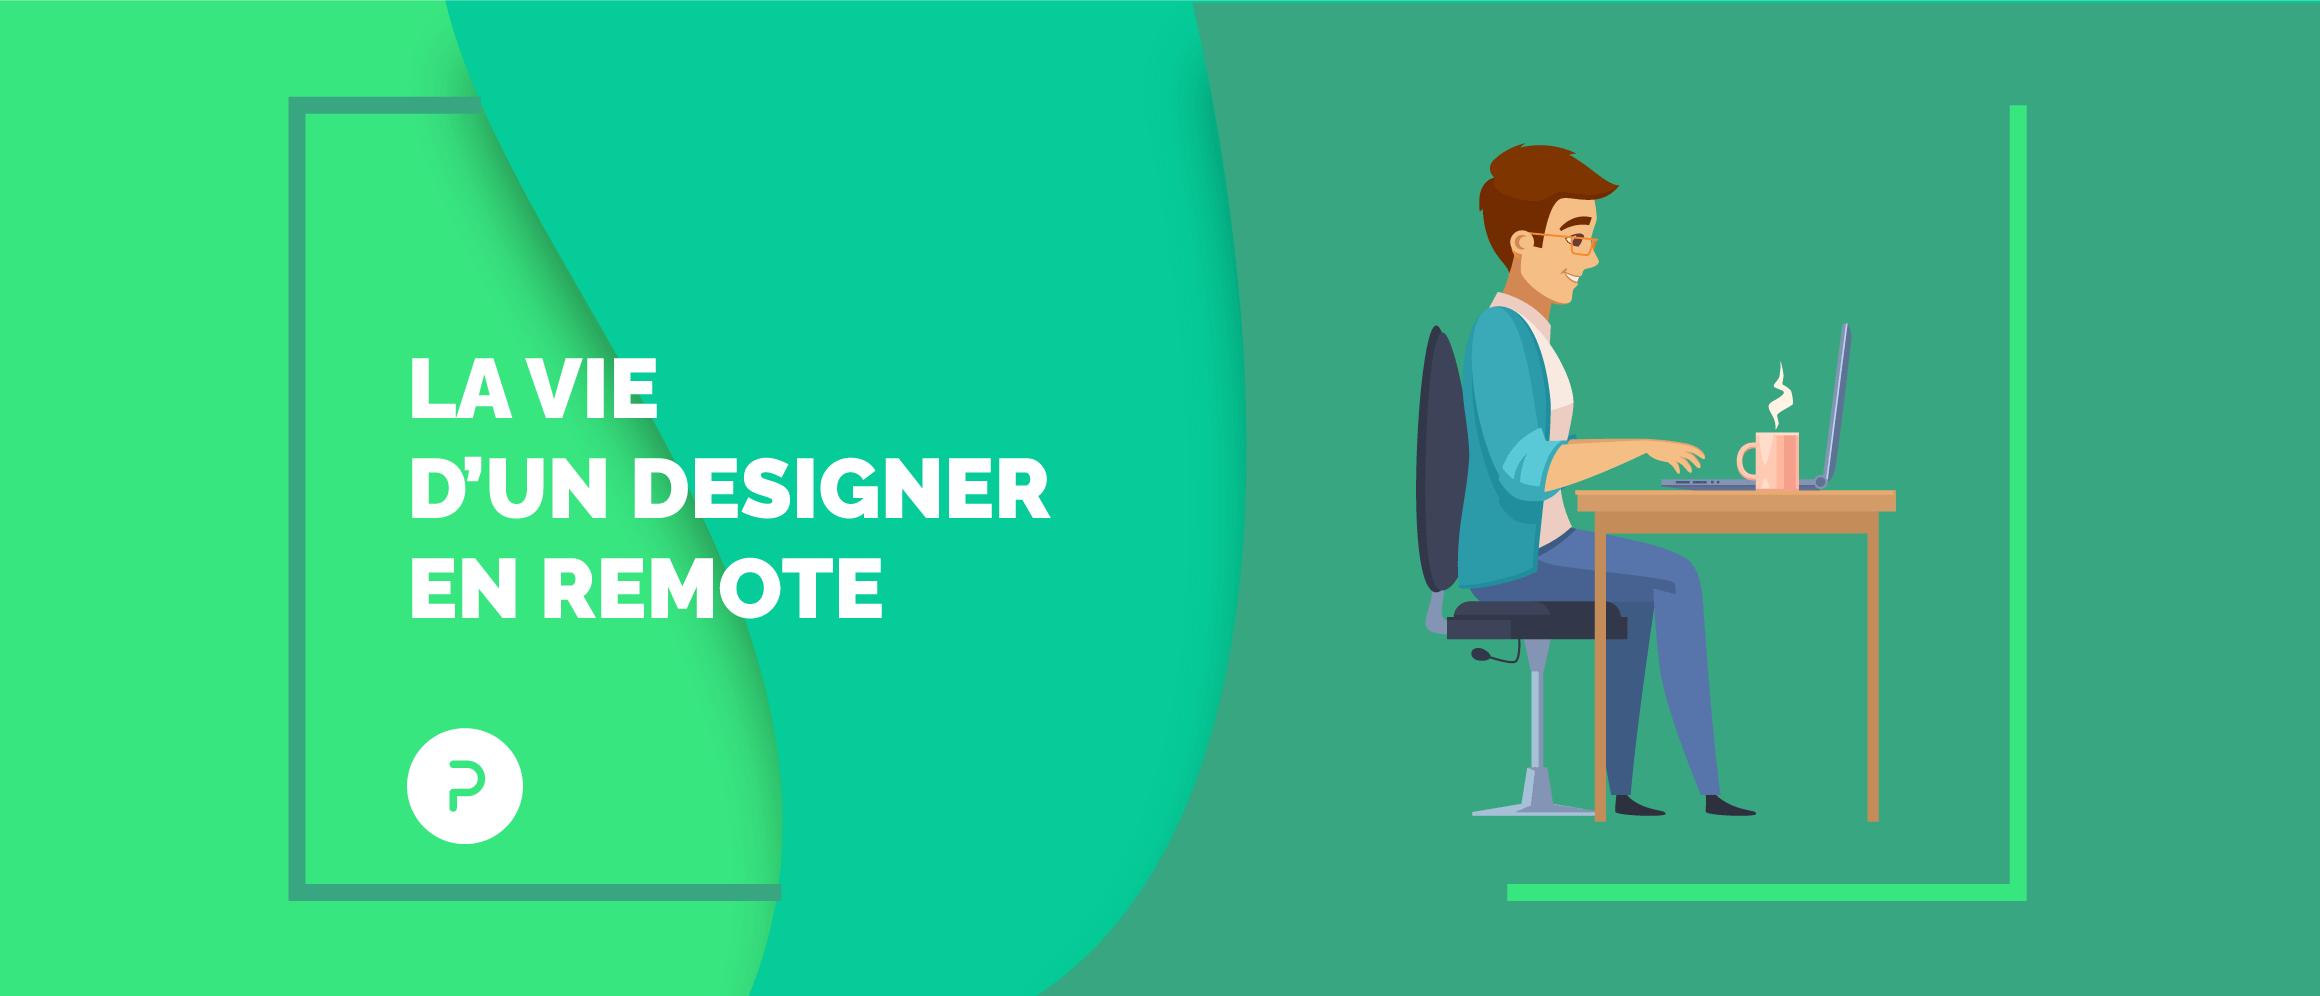 La vie d'un designer en remote, ou comment tirer parti de ce qui nous est imposé